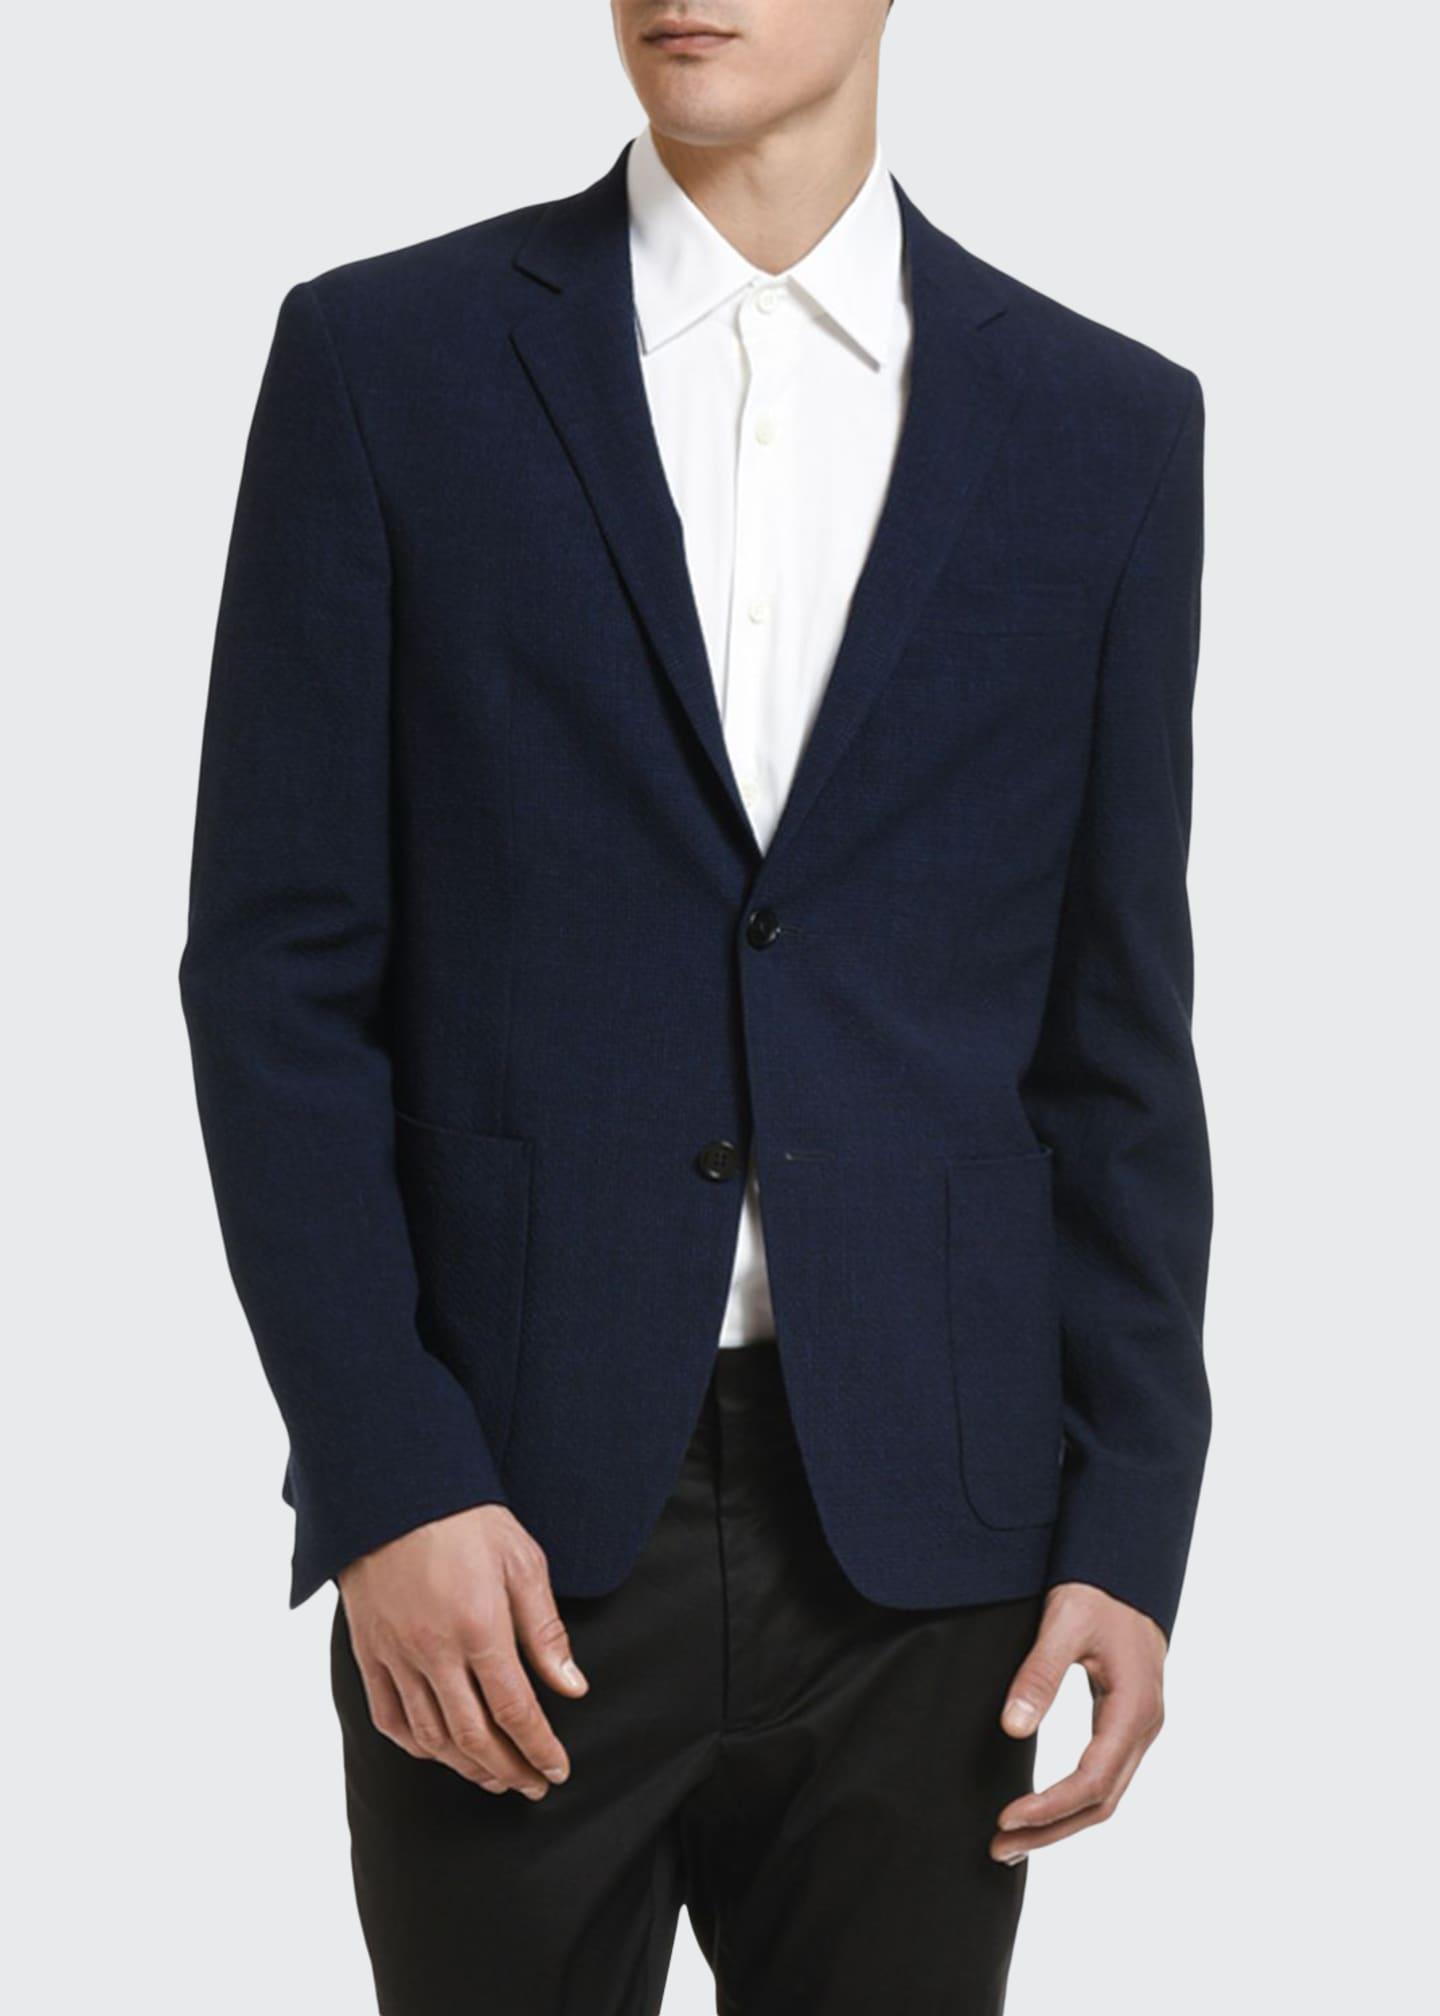 Prada Men's Lana Lino Solid Seersucker Sport Jacket